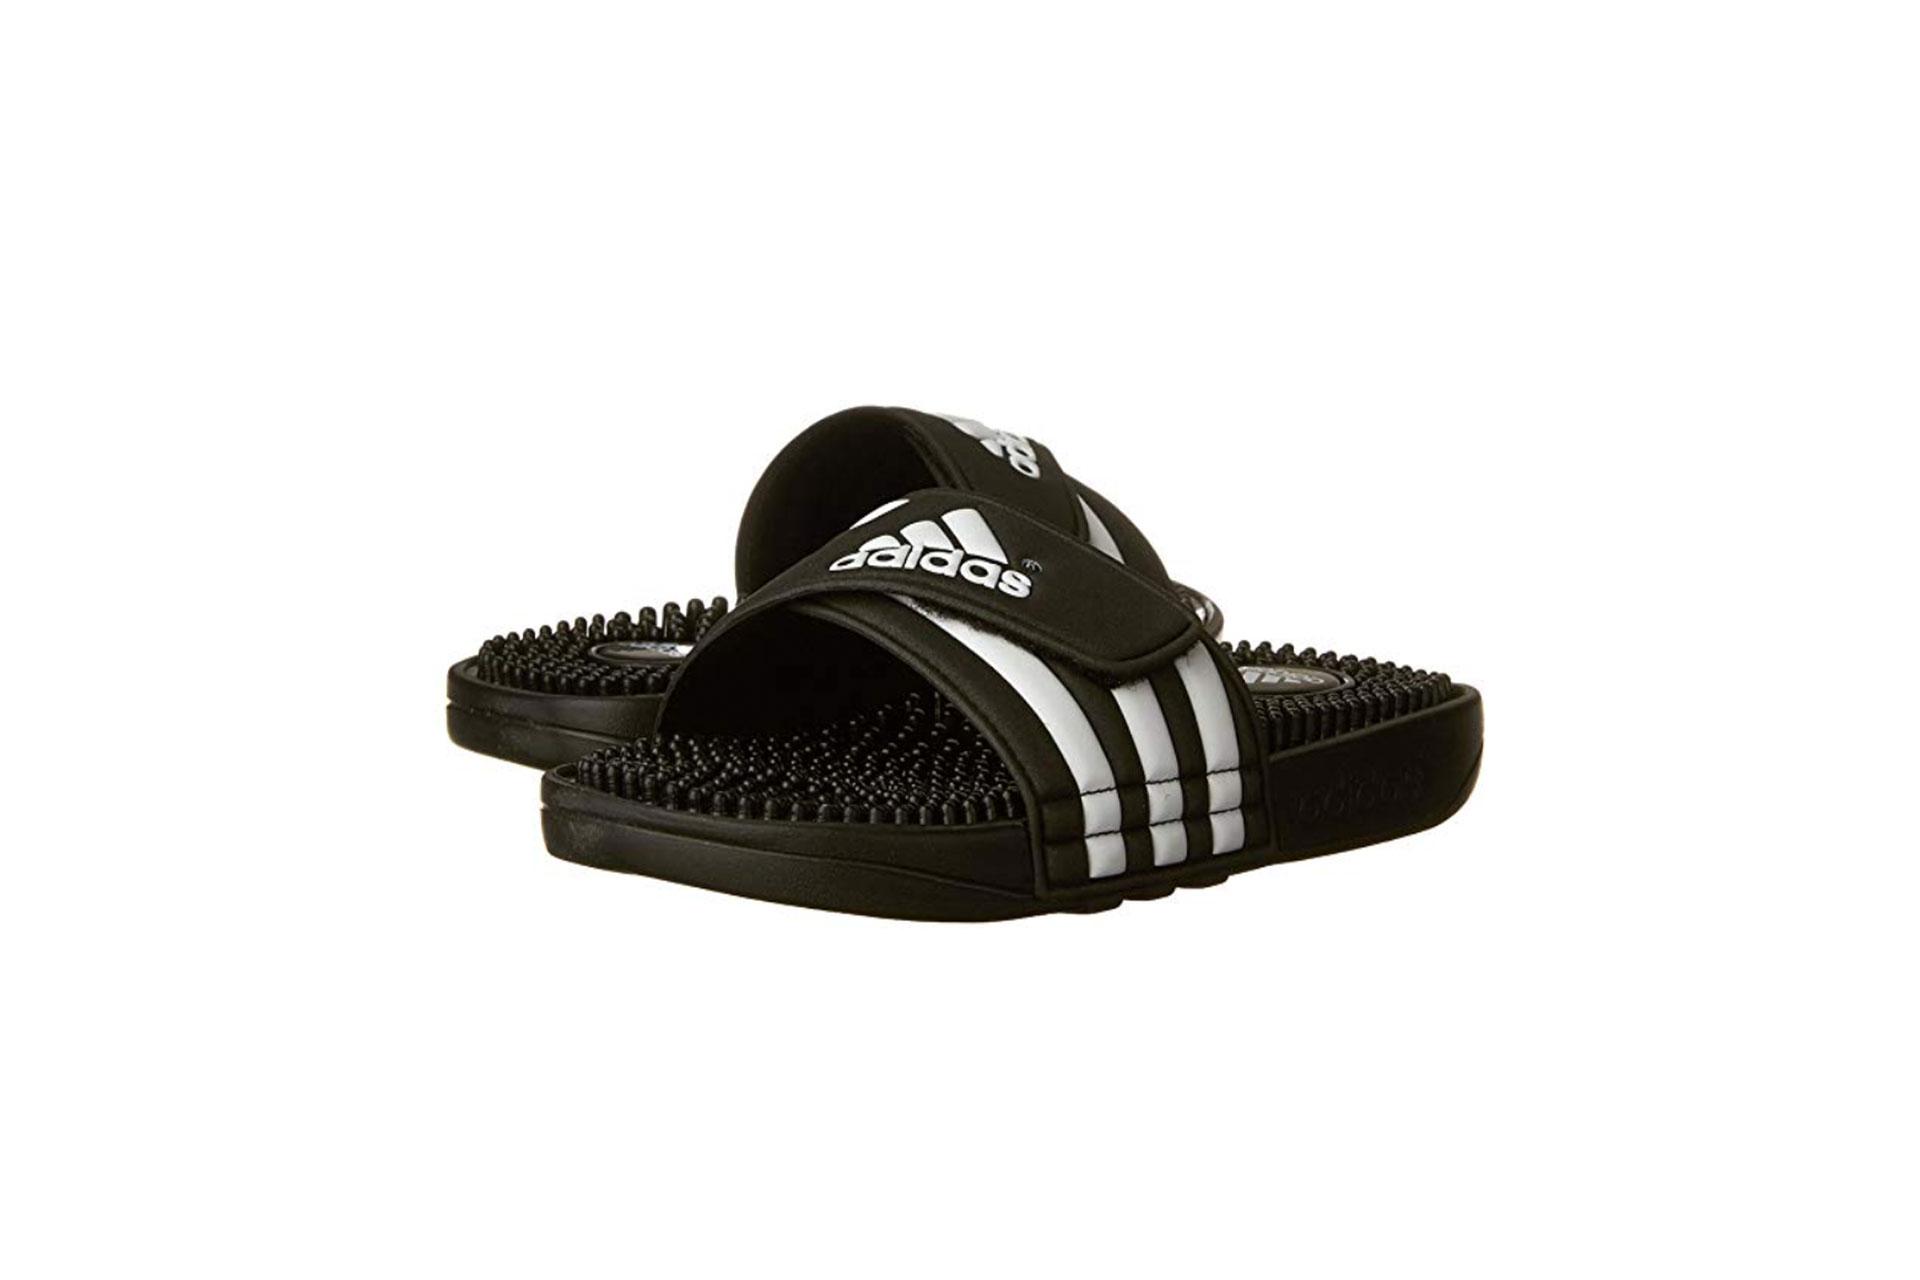 Adidas Sandals; Courtesy of Amazon